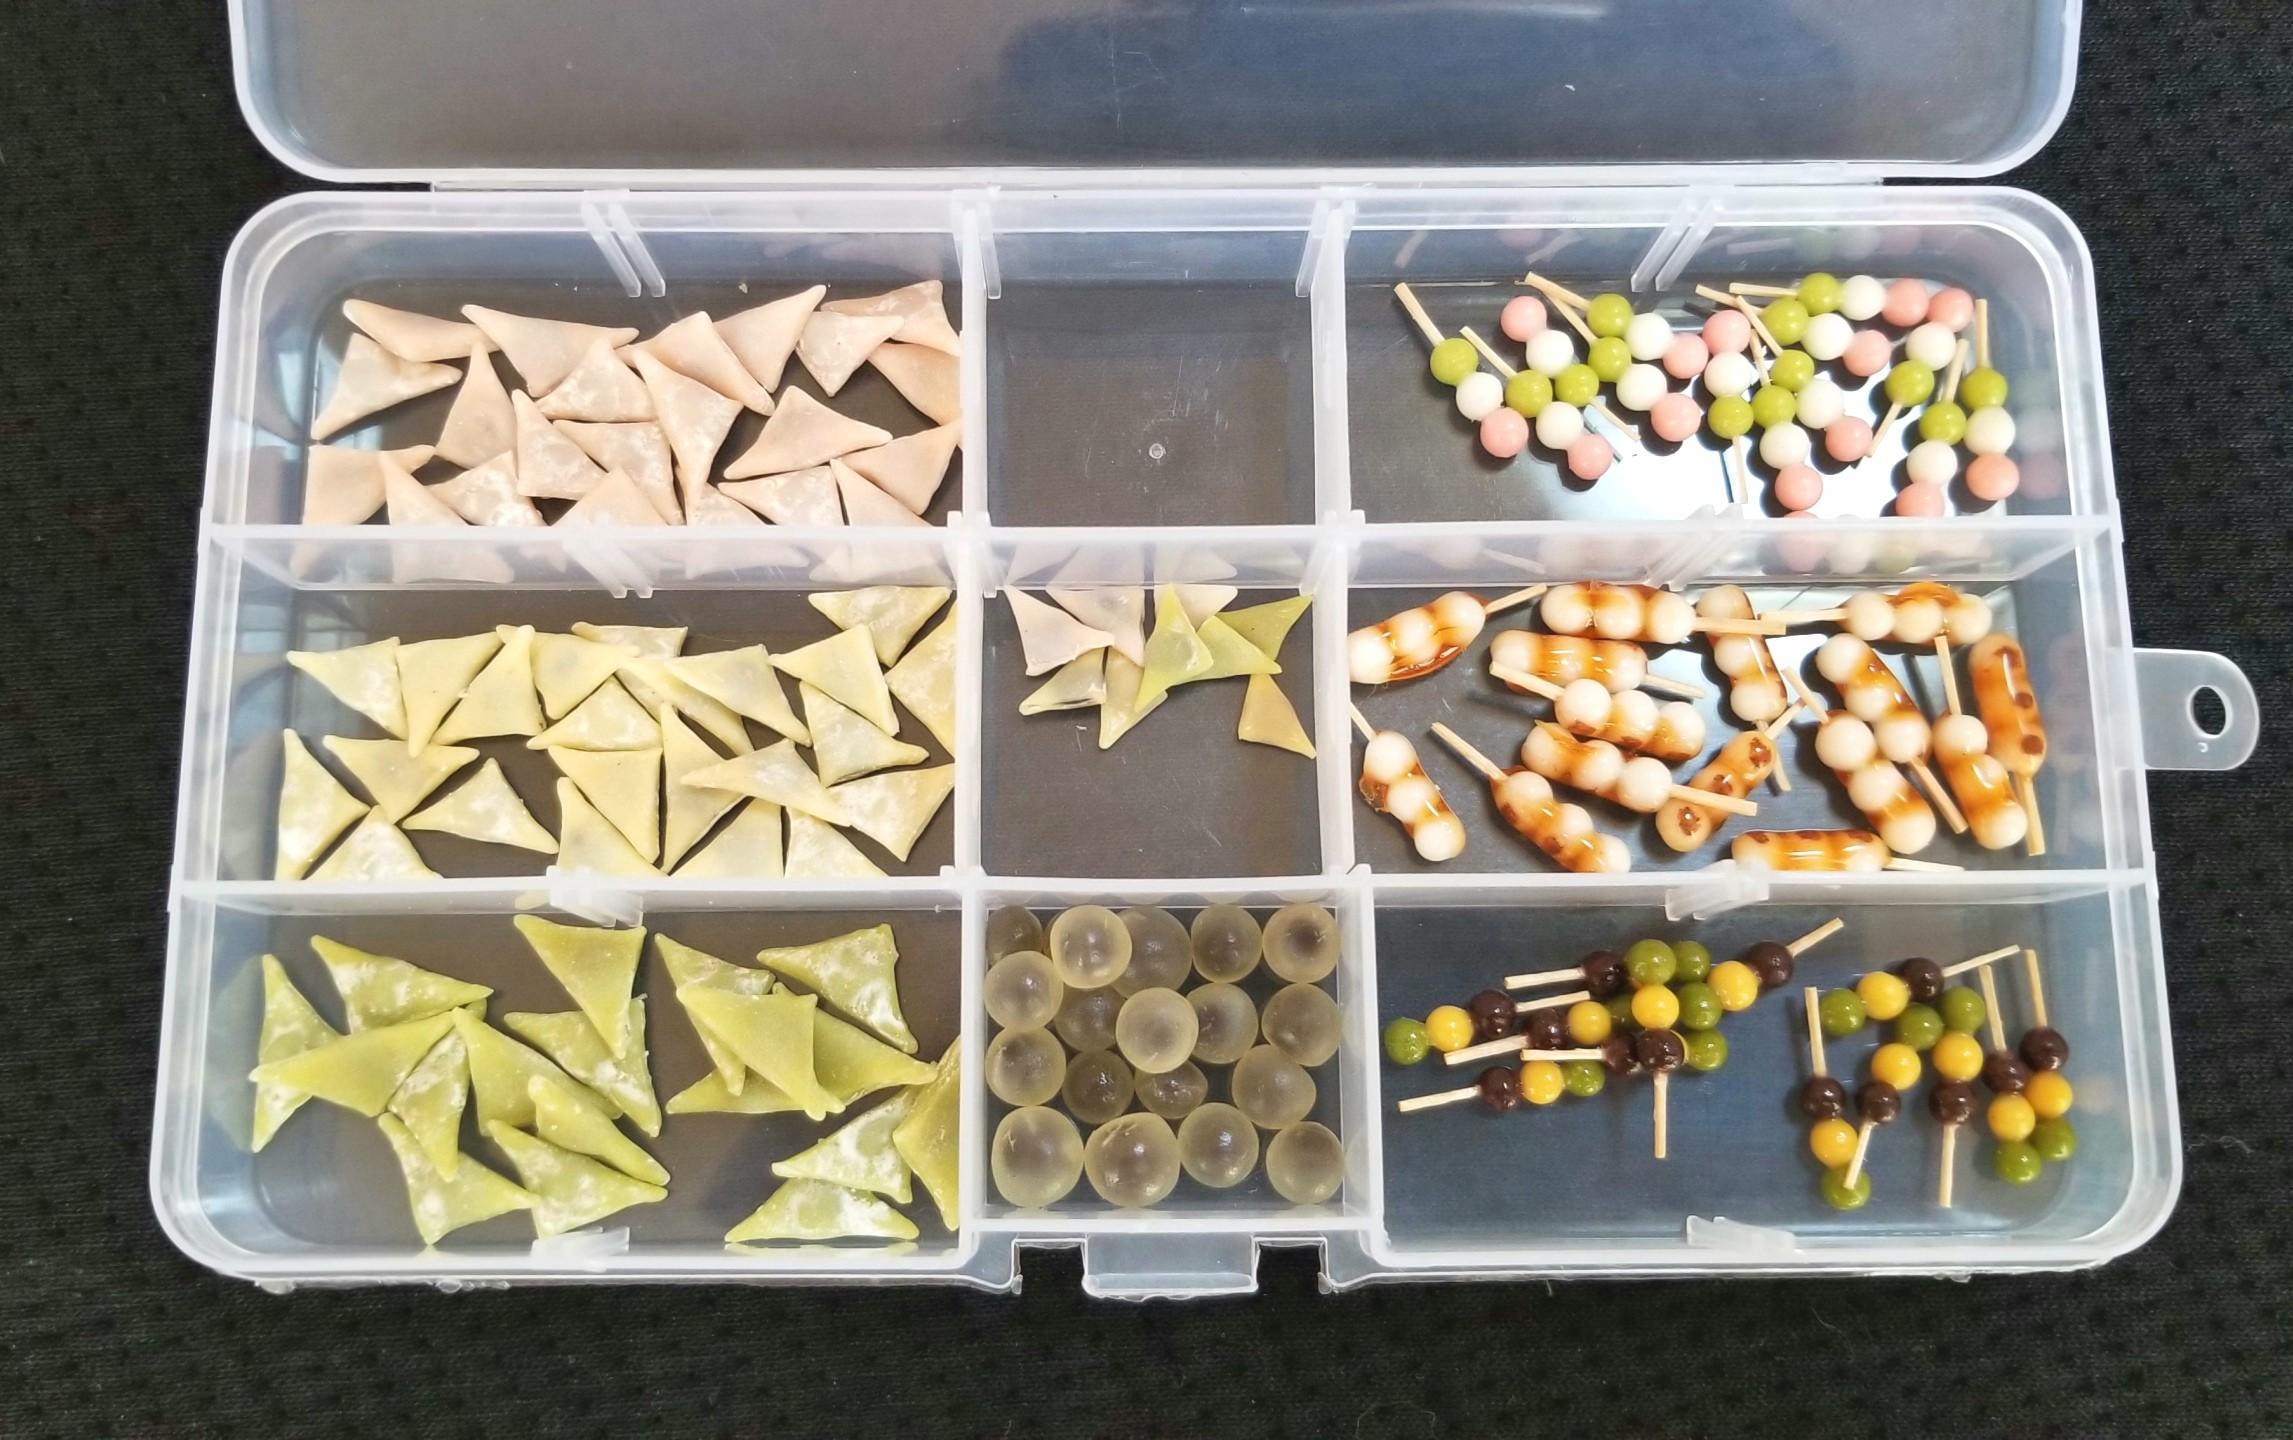 ミニチュア,樹脂粘土,和菓子,八ツ橋,団子,水まんじゅう,シルバニア